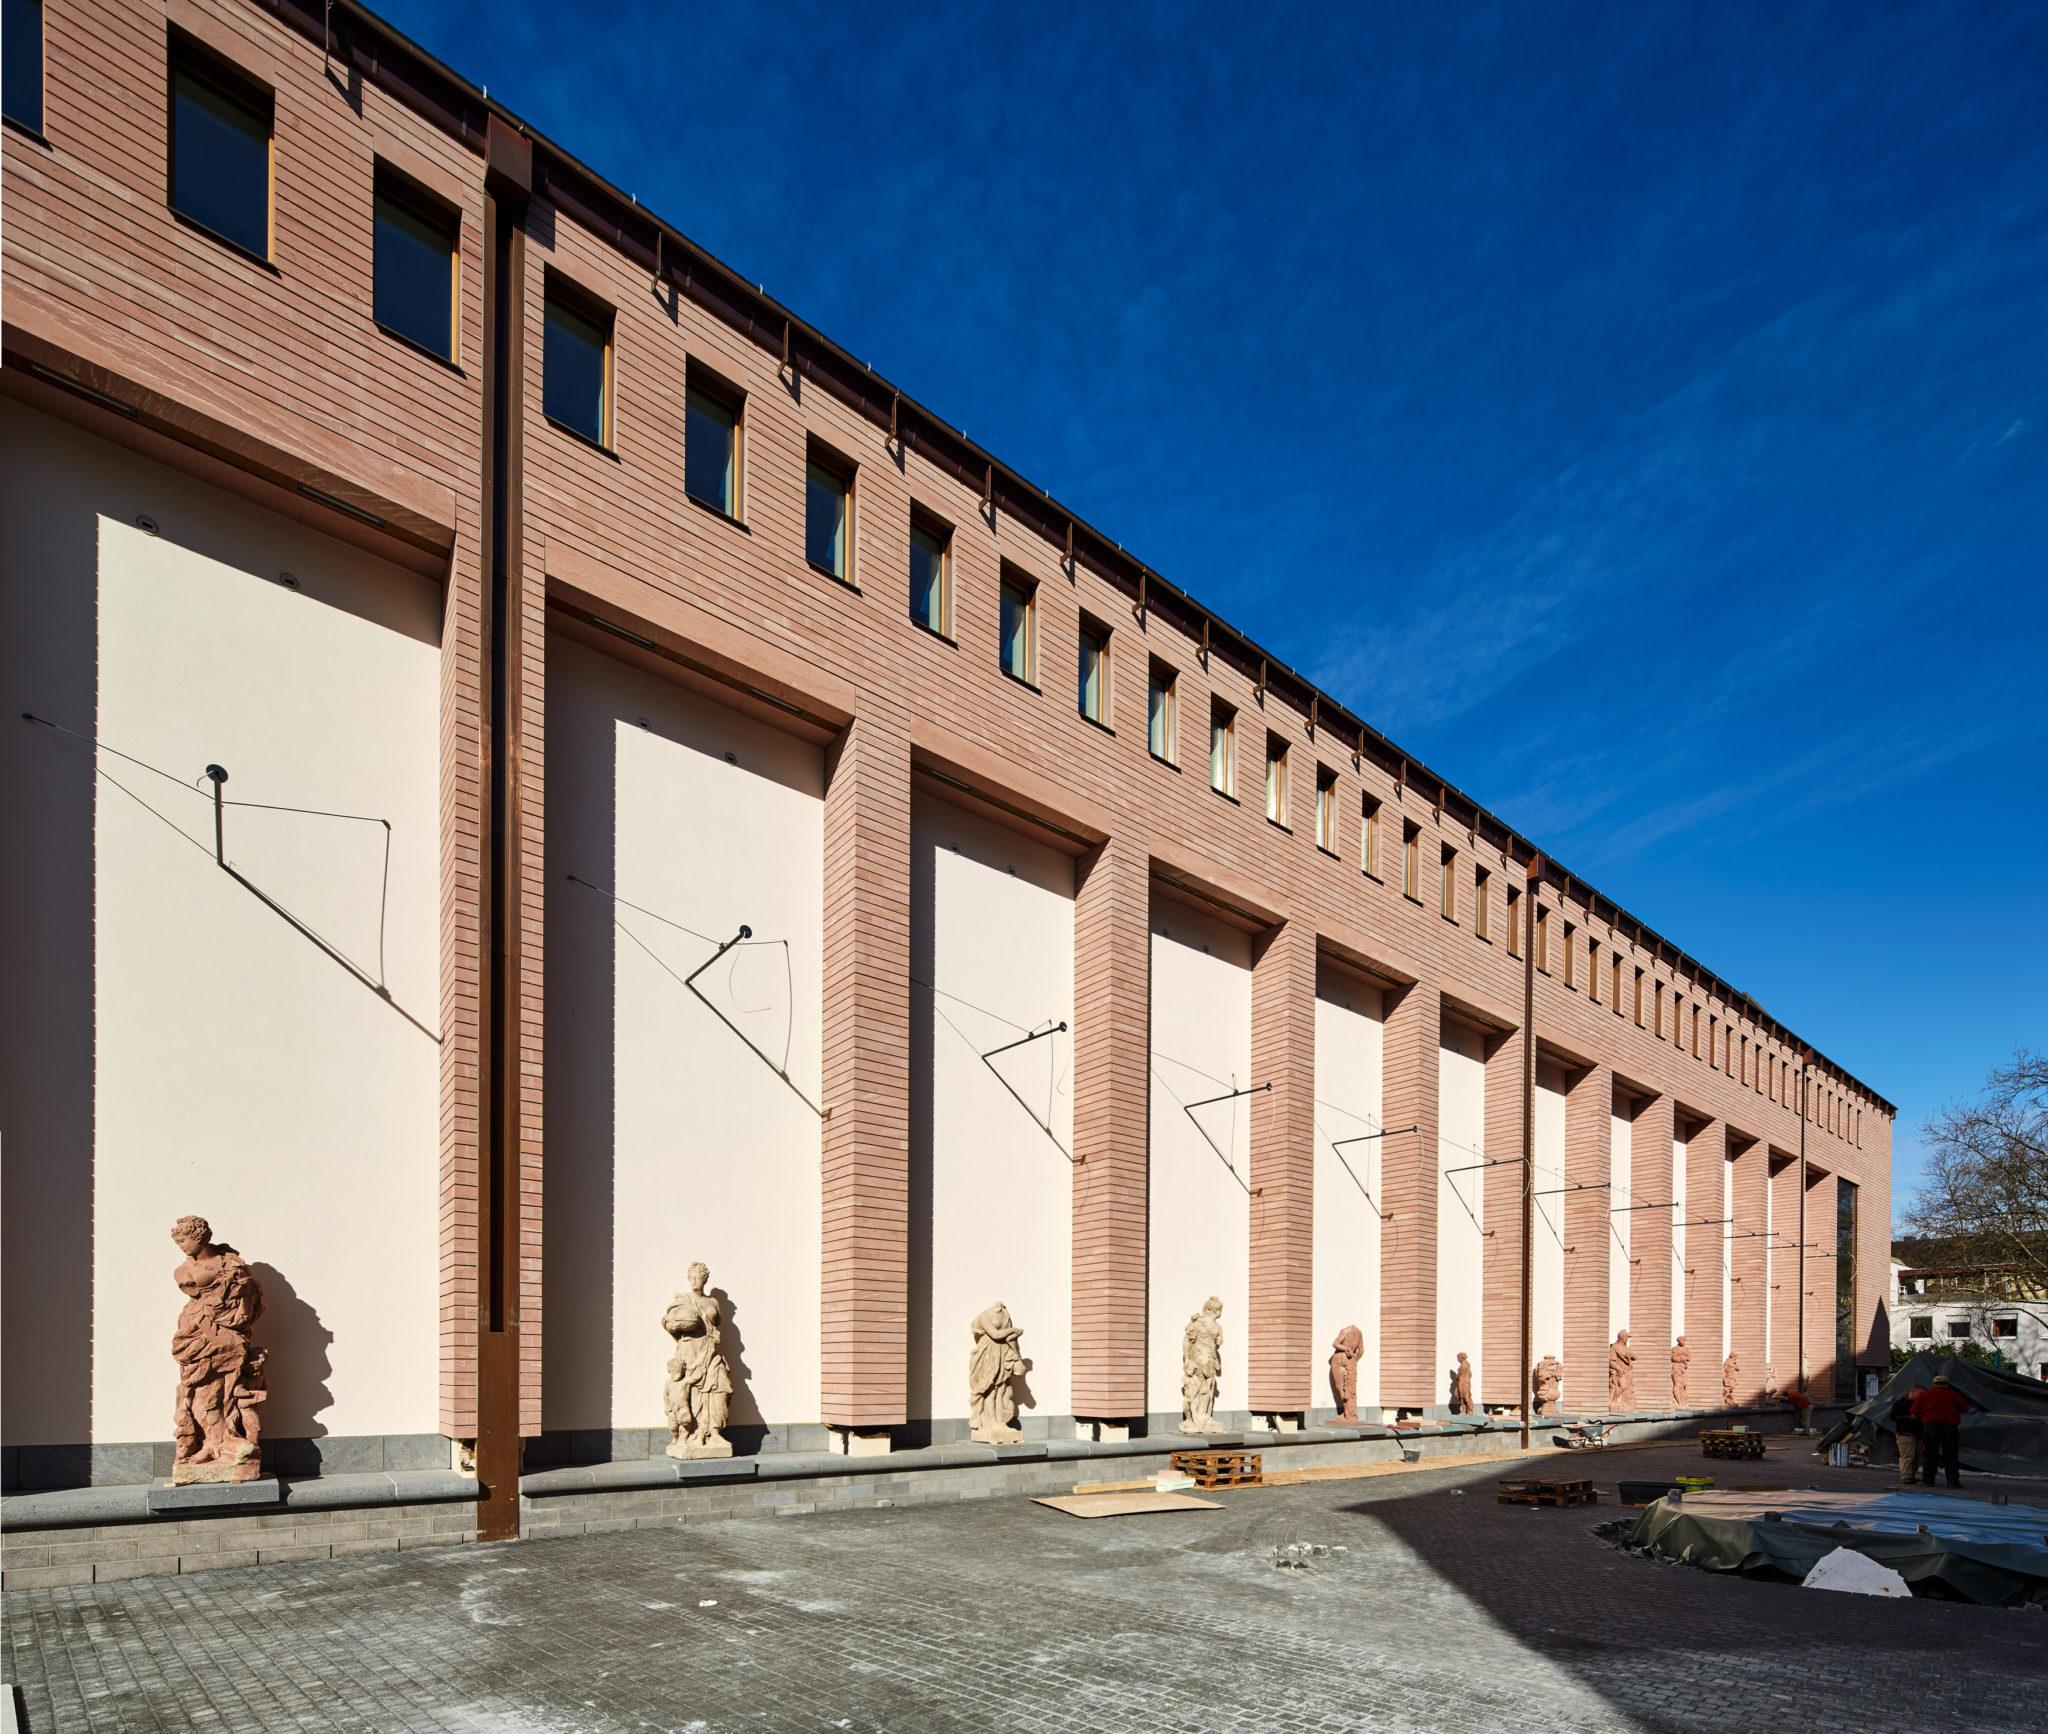 Skulpturengalerie Fassade Ausstellungshaus © HBA